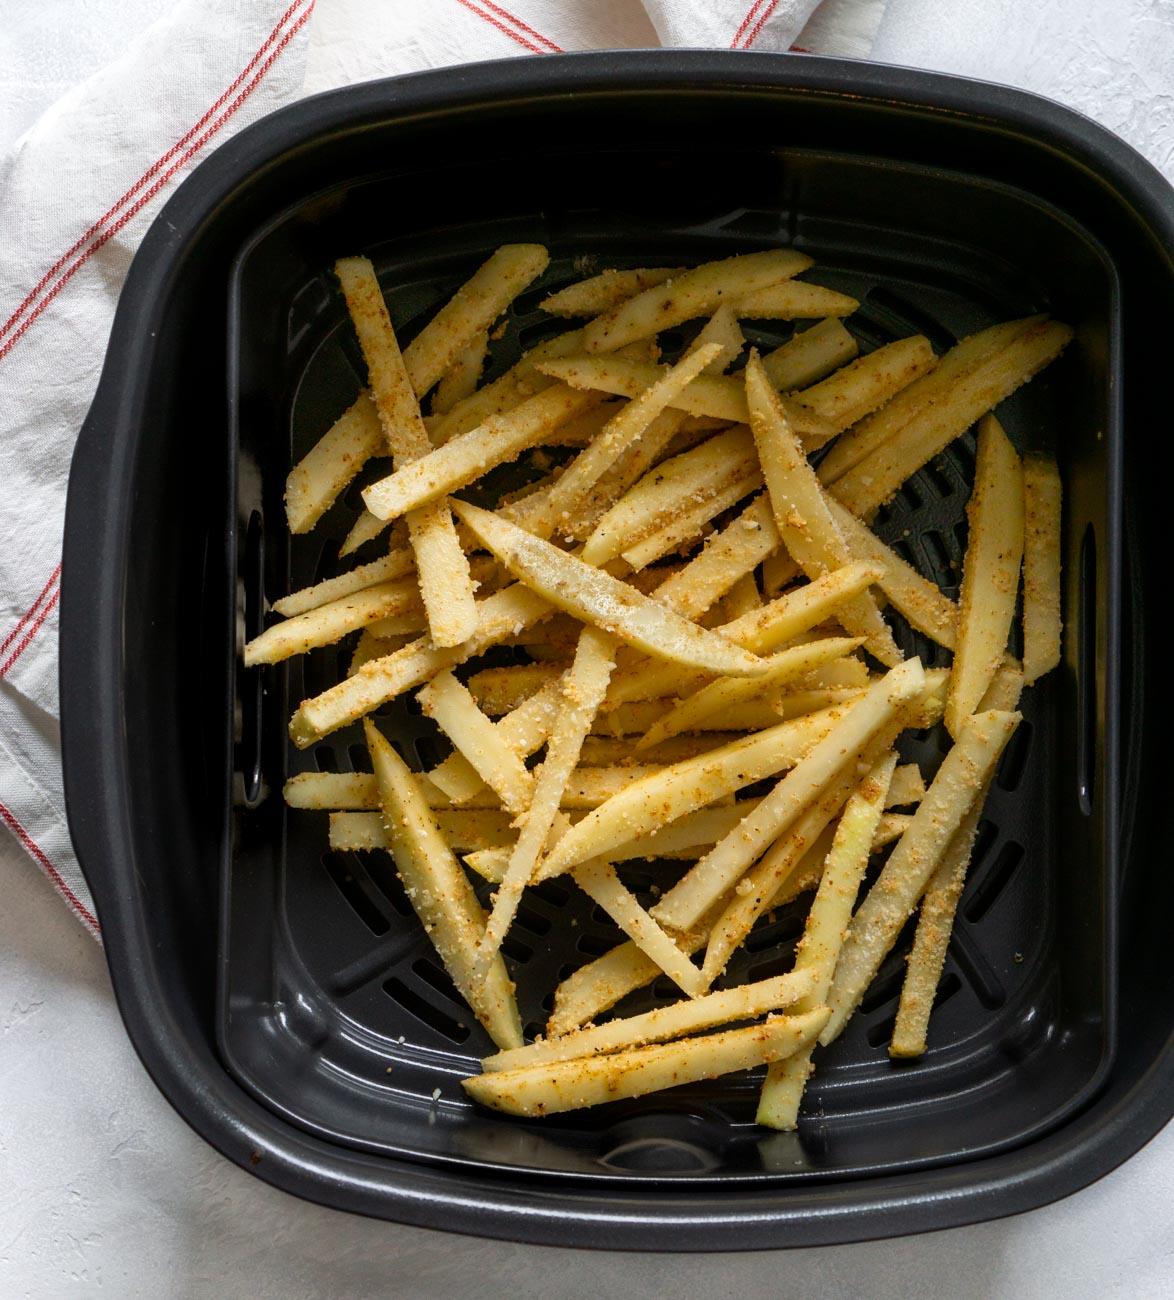 fries in the air fryer basket